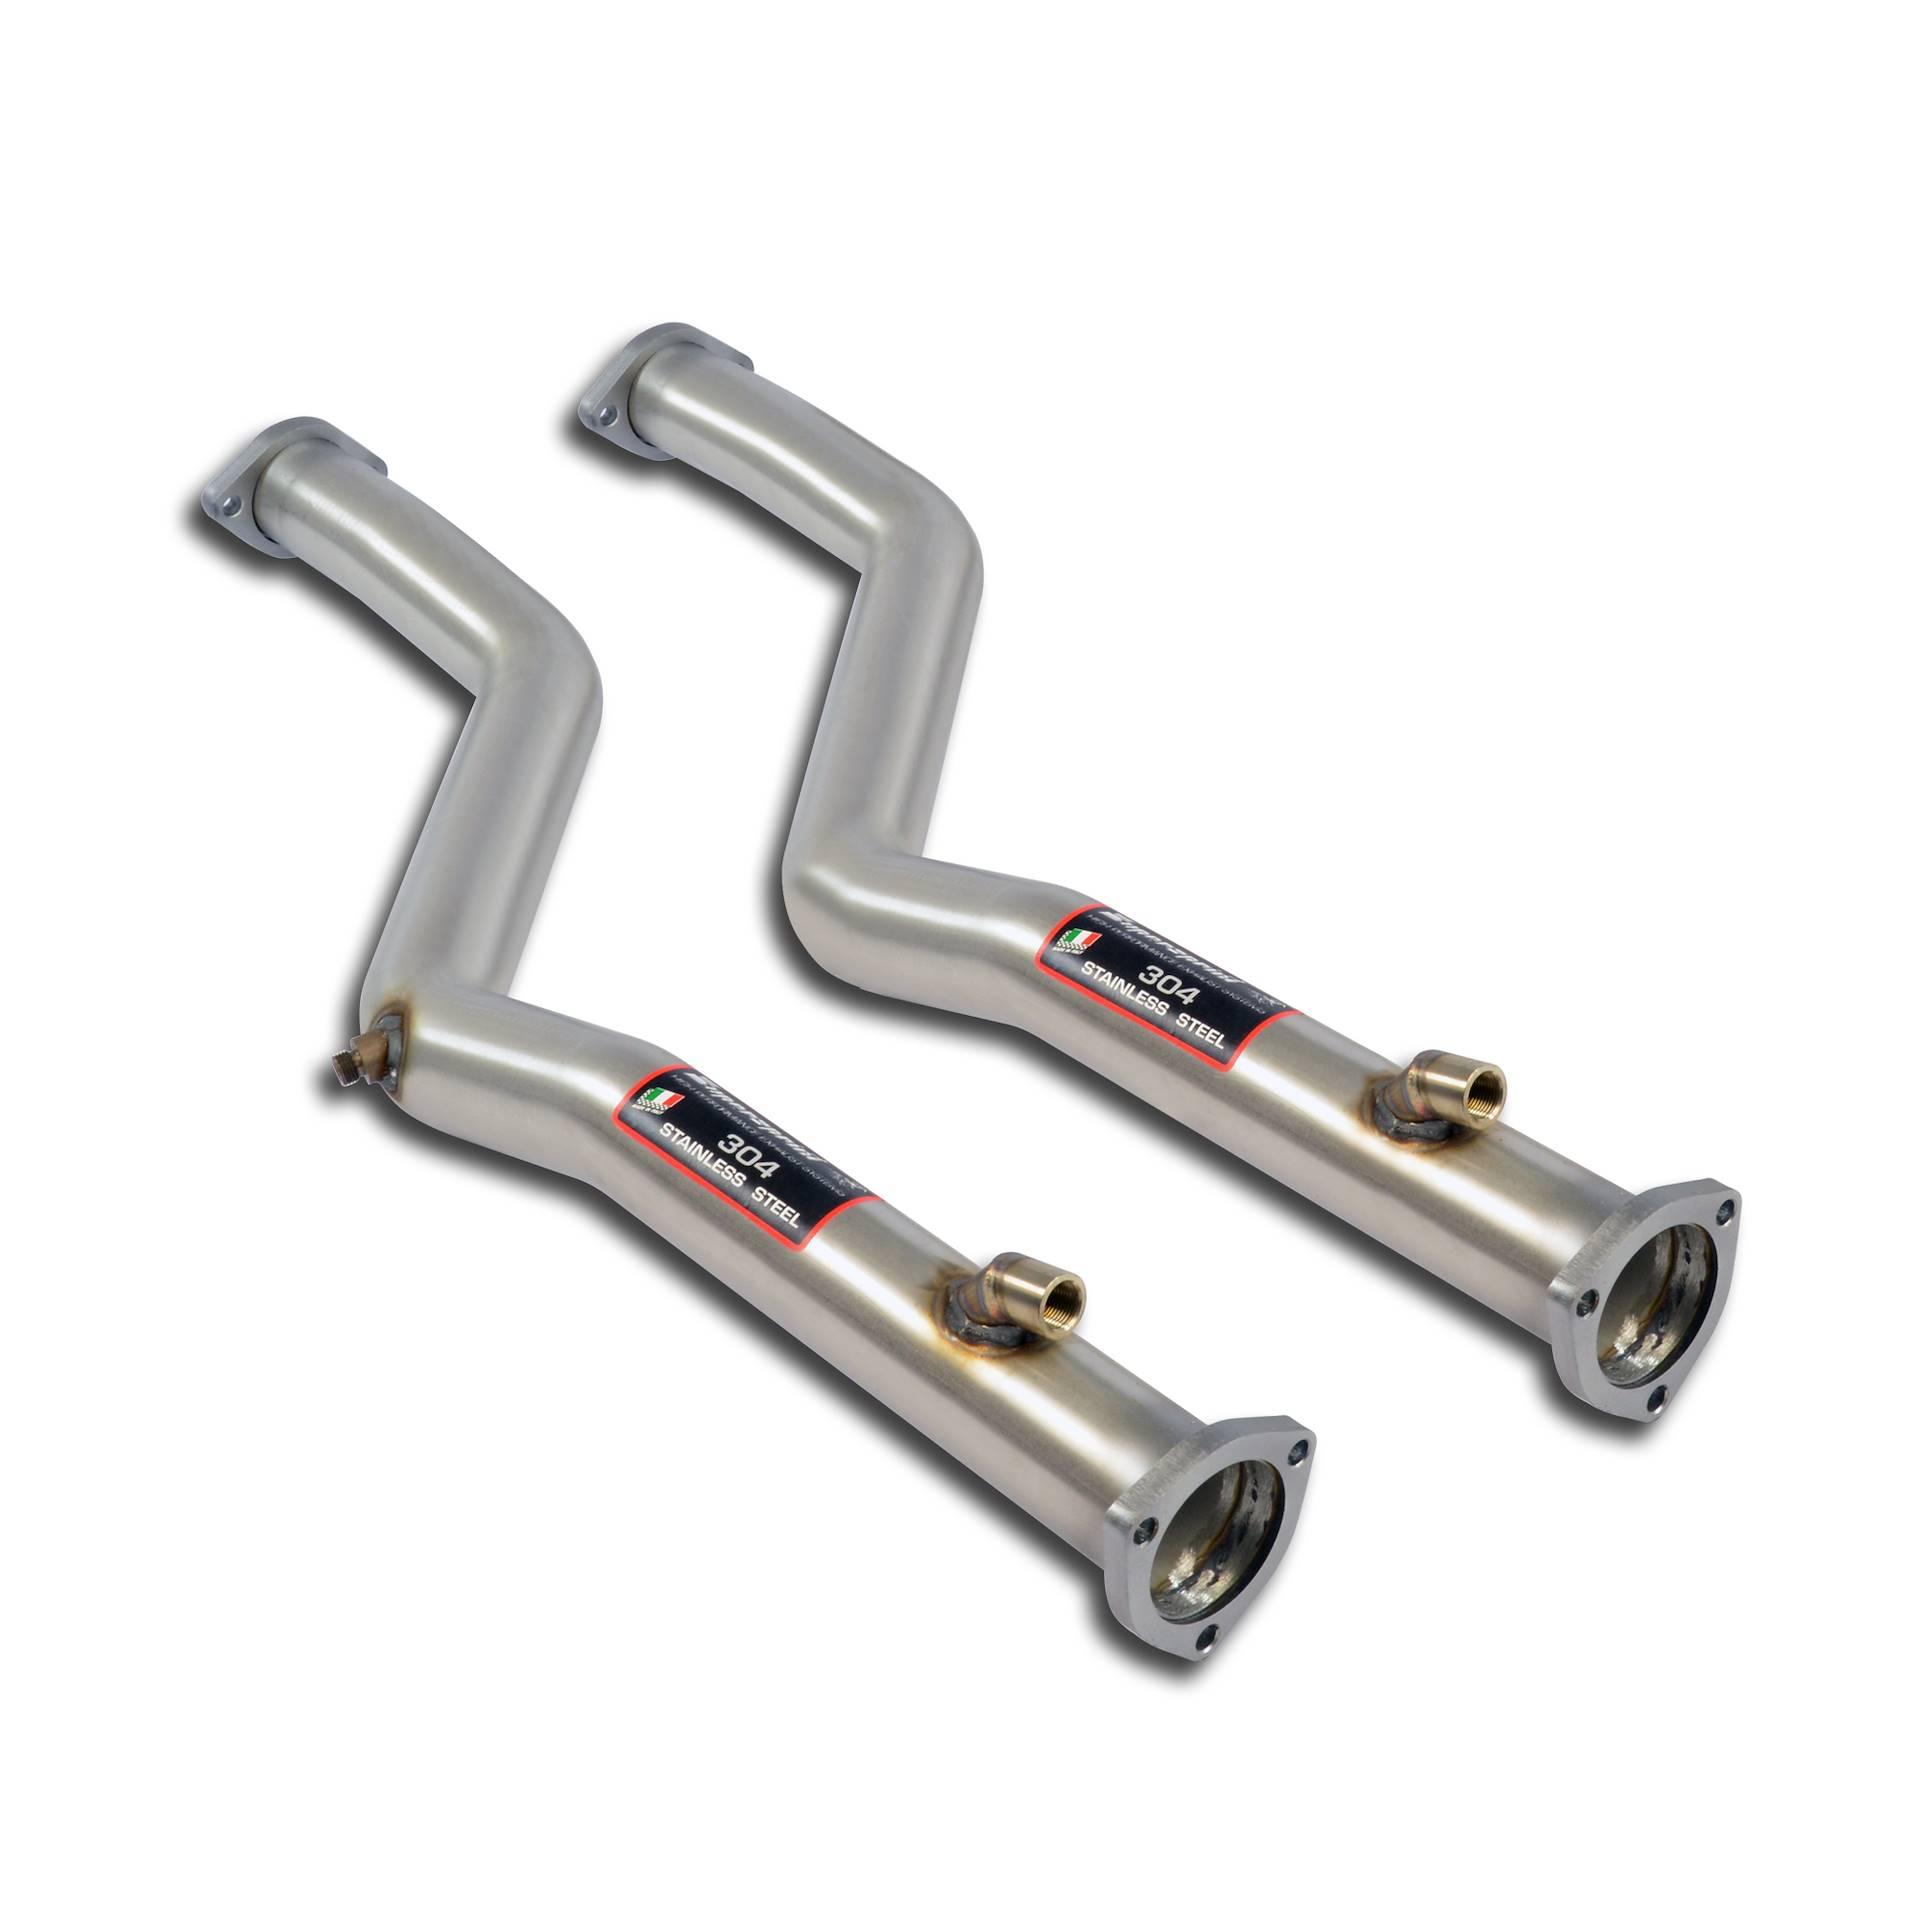 Performance Sport Exhaust For Bmw Z3 M S54 Bmw Z3 M 3 2i